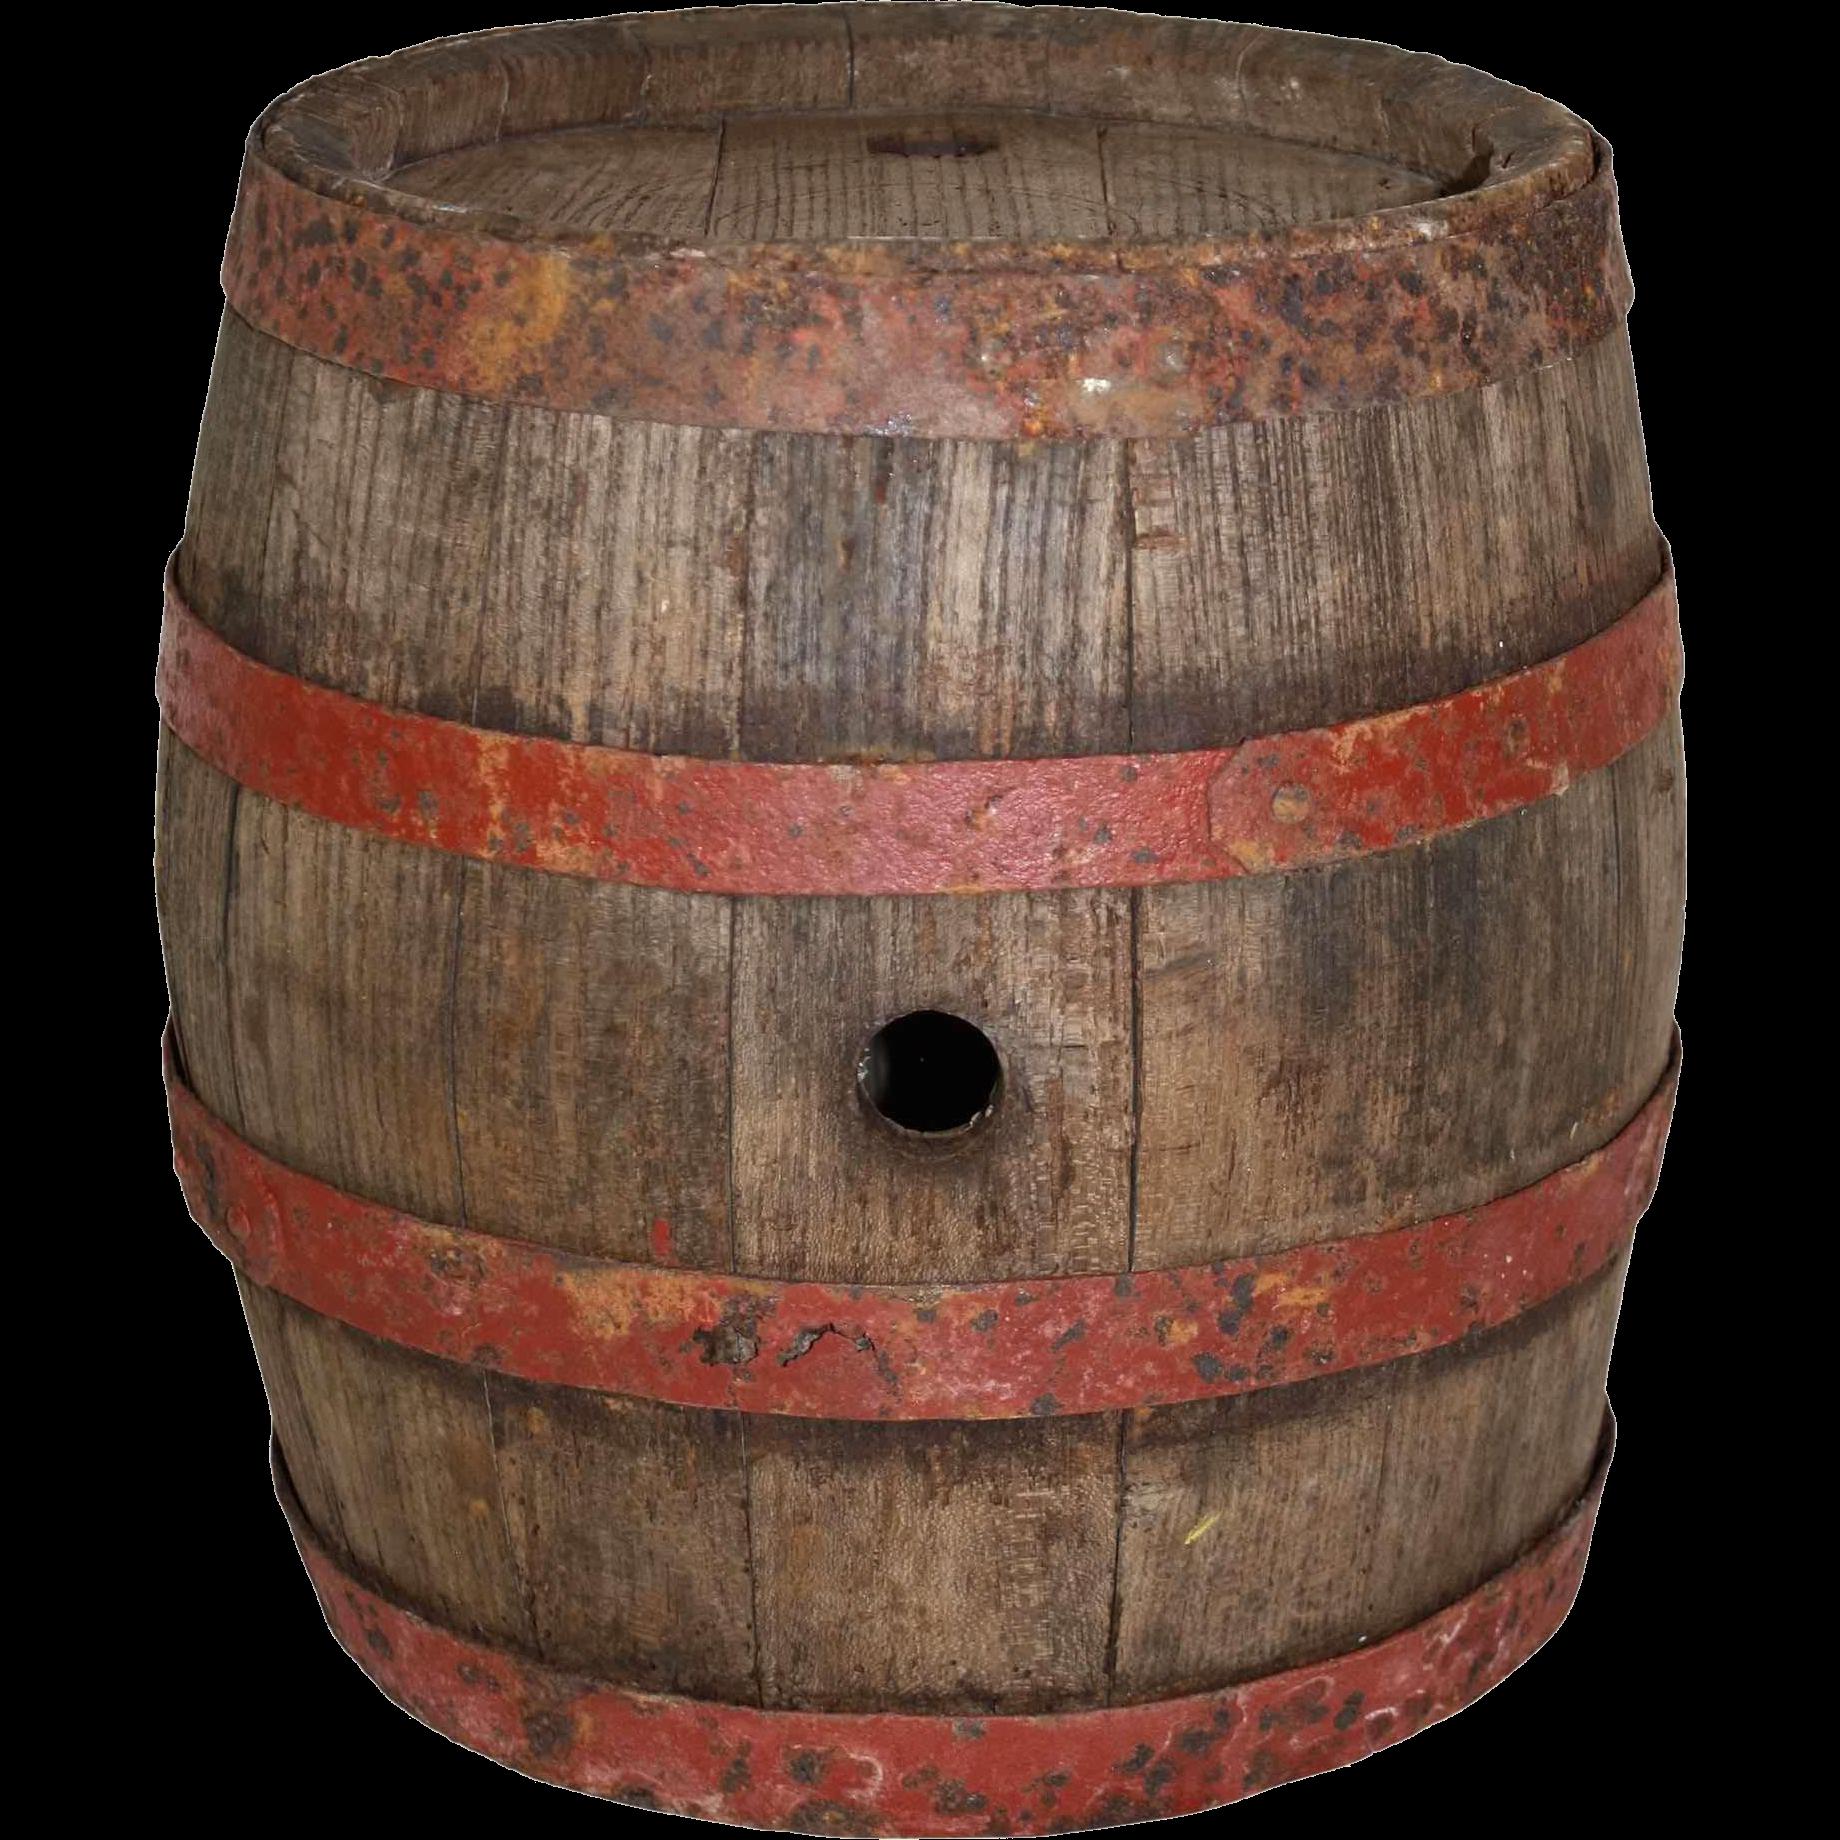 Oak Wine Barrel Found At Www Rubylane Com Vintagebeginshere Winewednesday Wine Barrel Vintage Wine Glasses Vintage Wine